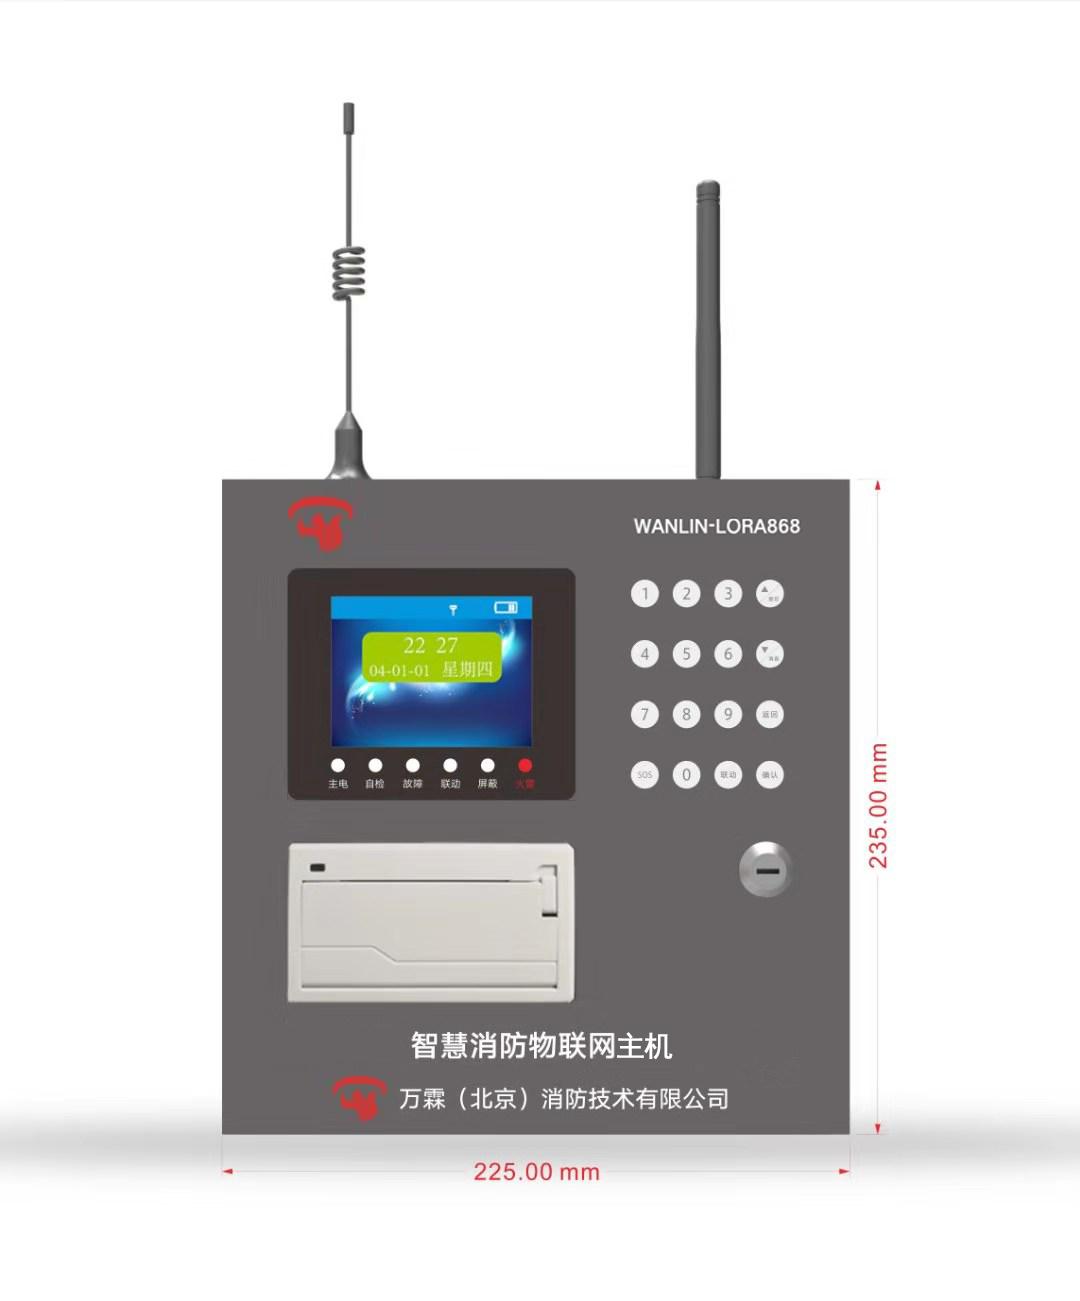 学校消防报警系统 联网免费版主机